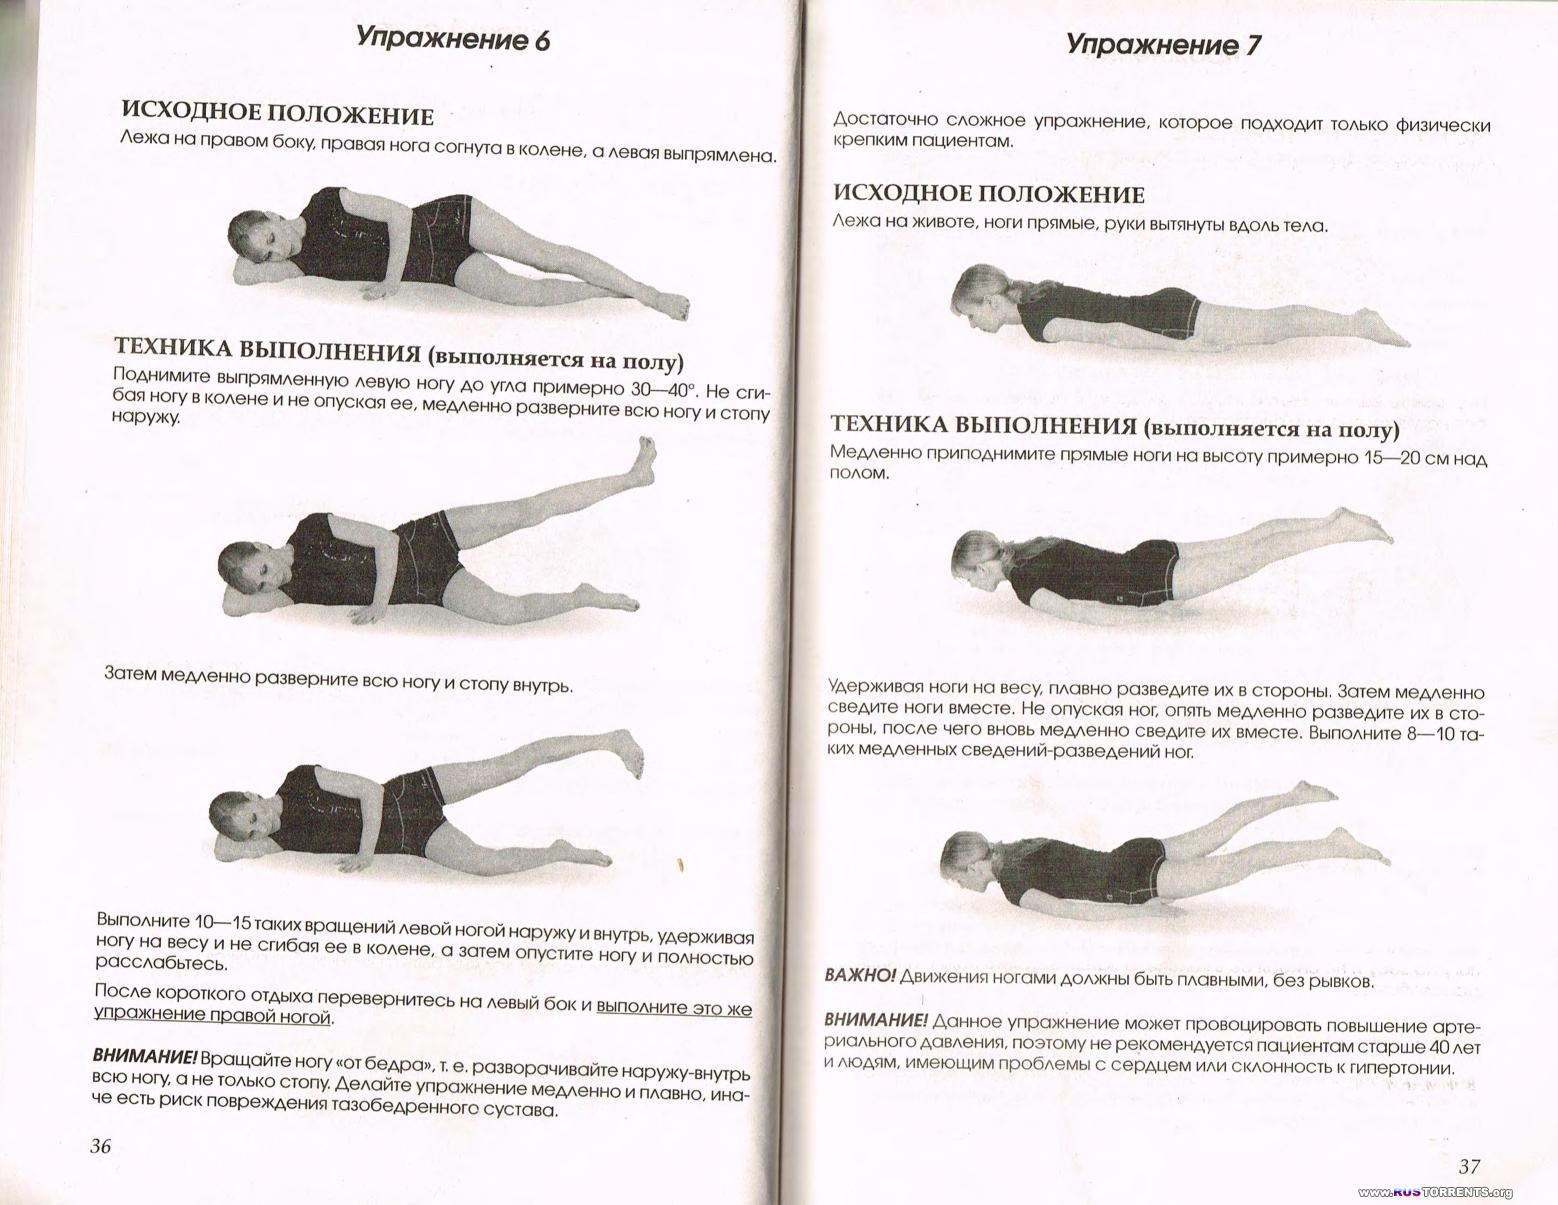 Павел Евдокименко | Если болят колени. Уникальная исцеляющая гимнастика | PDF